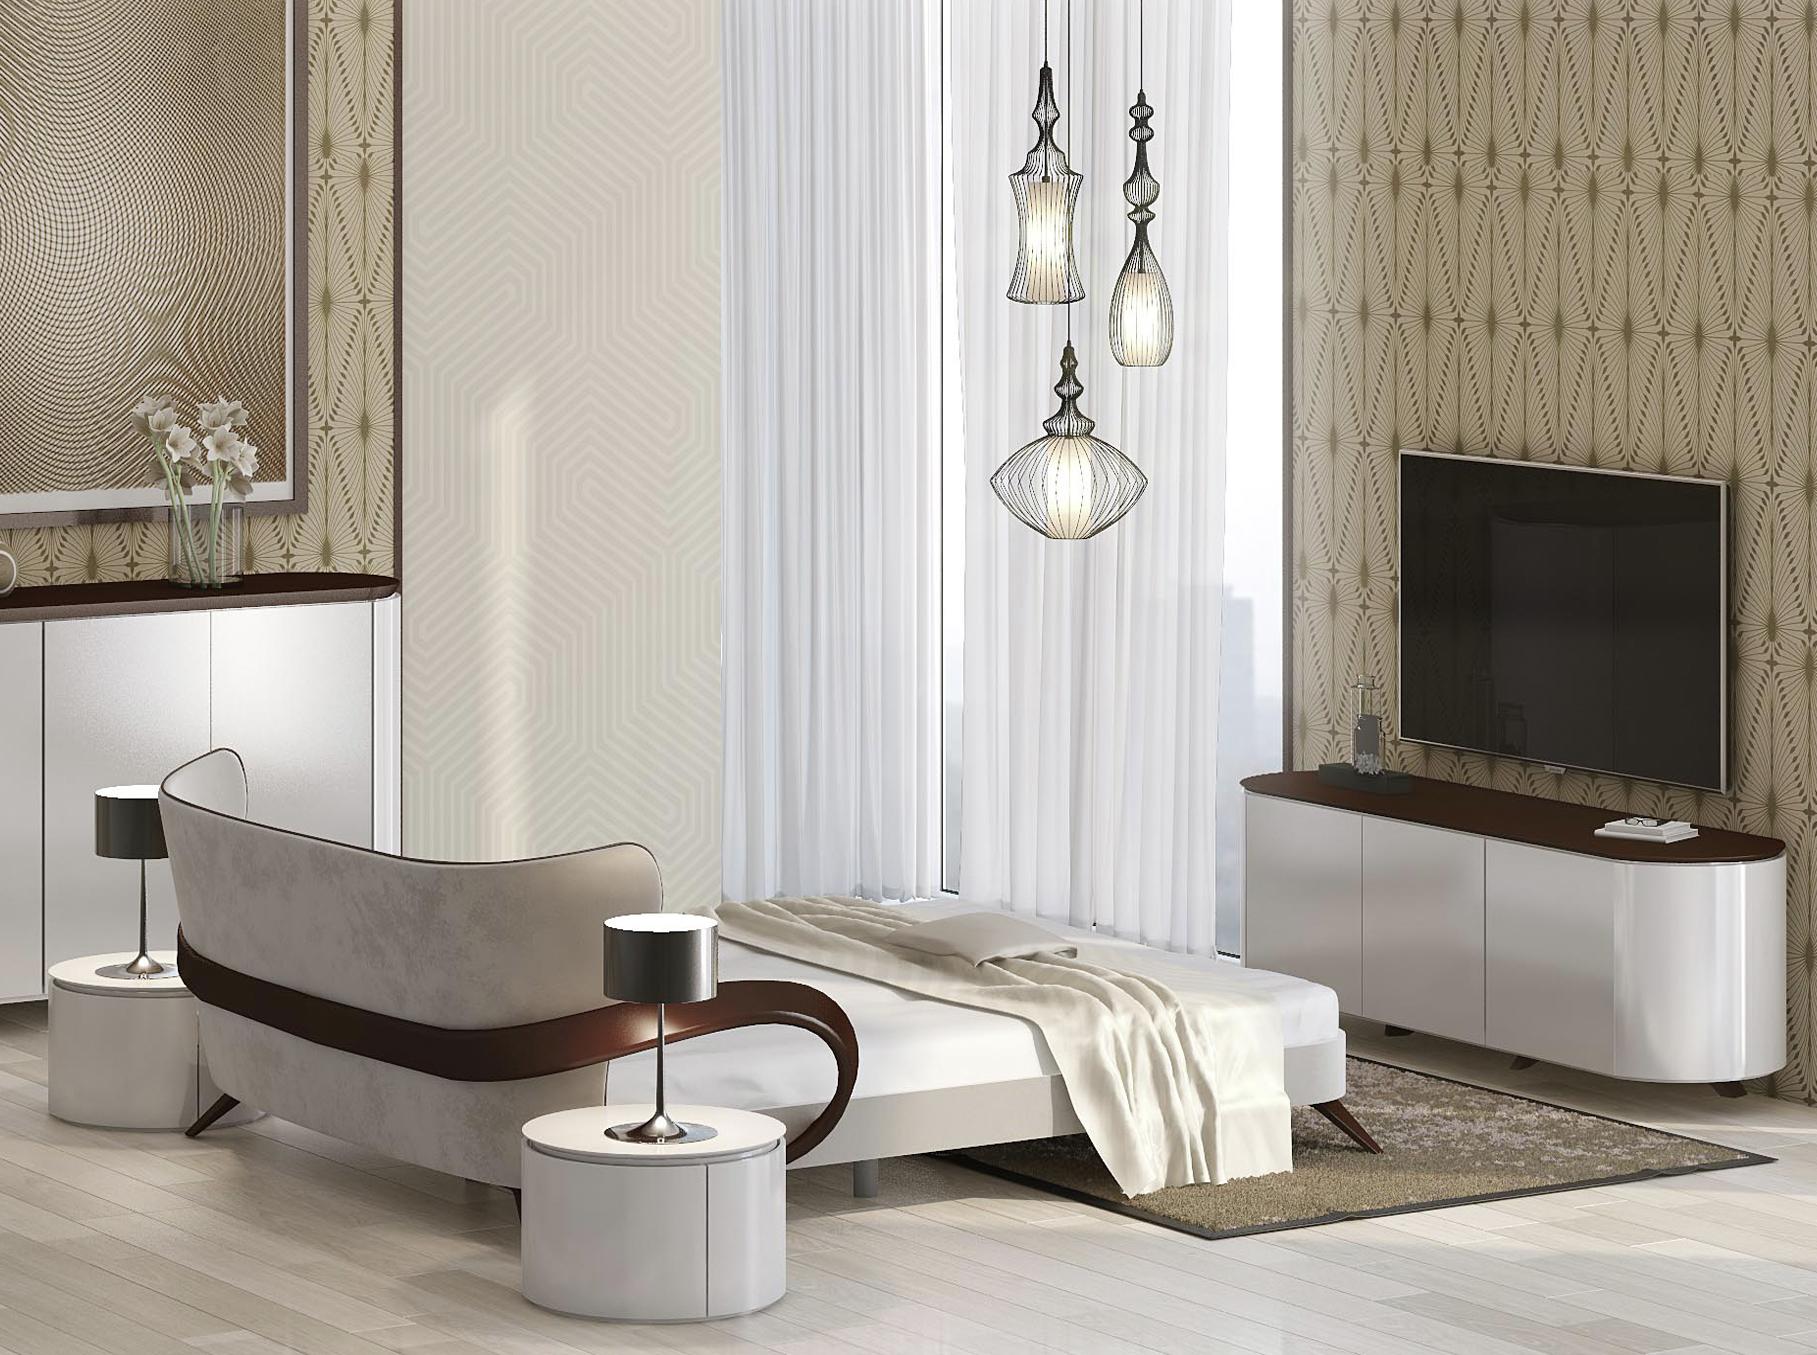 дизайнерские двуспальные кровати